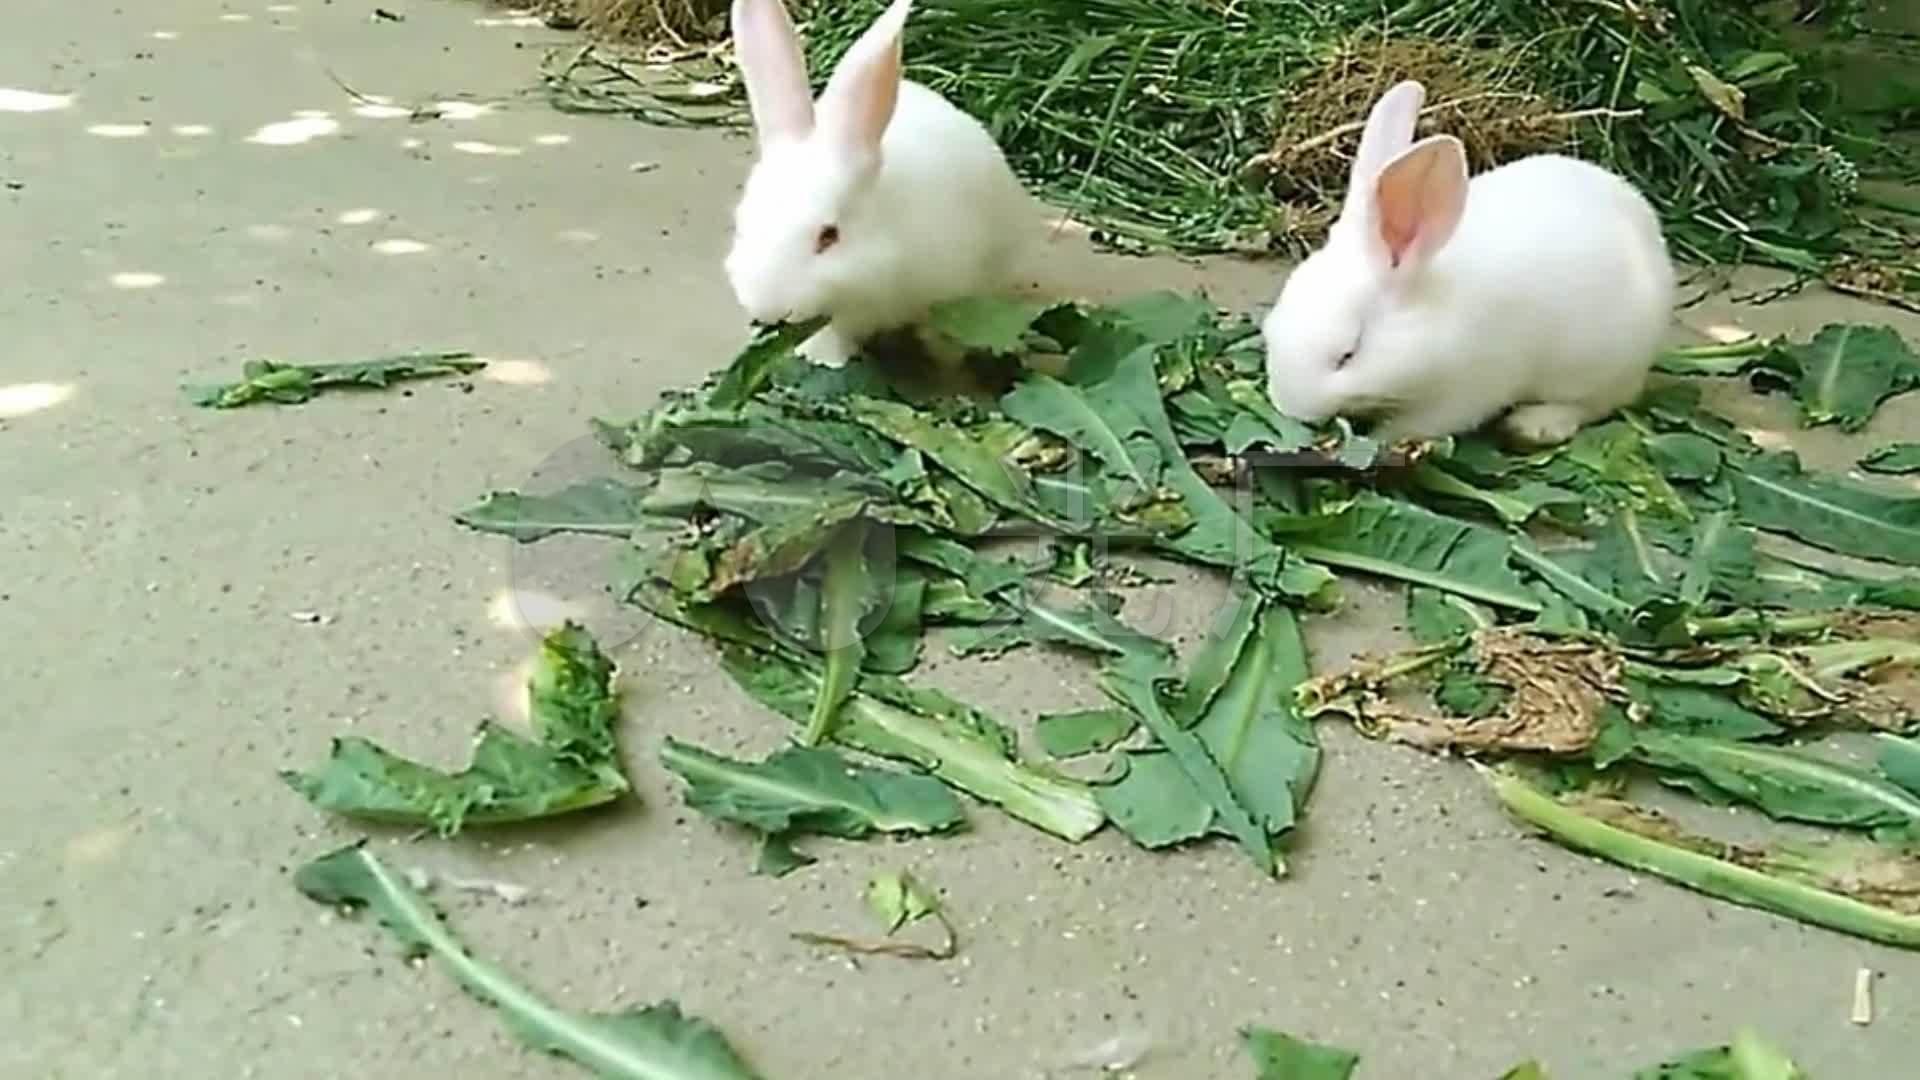 实拍动物小白兔吃菜吃食视频_1920X1080_高